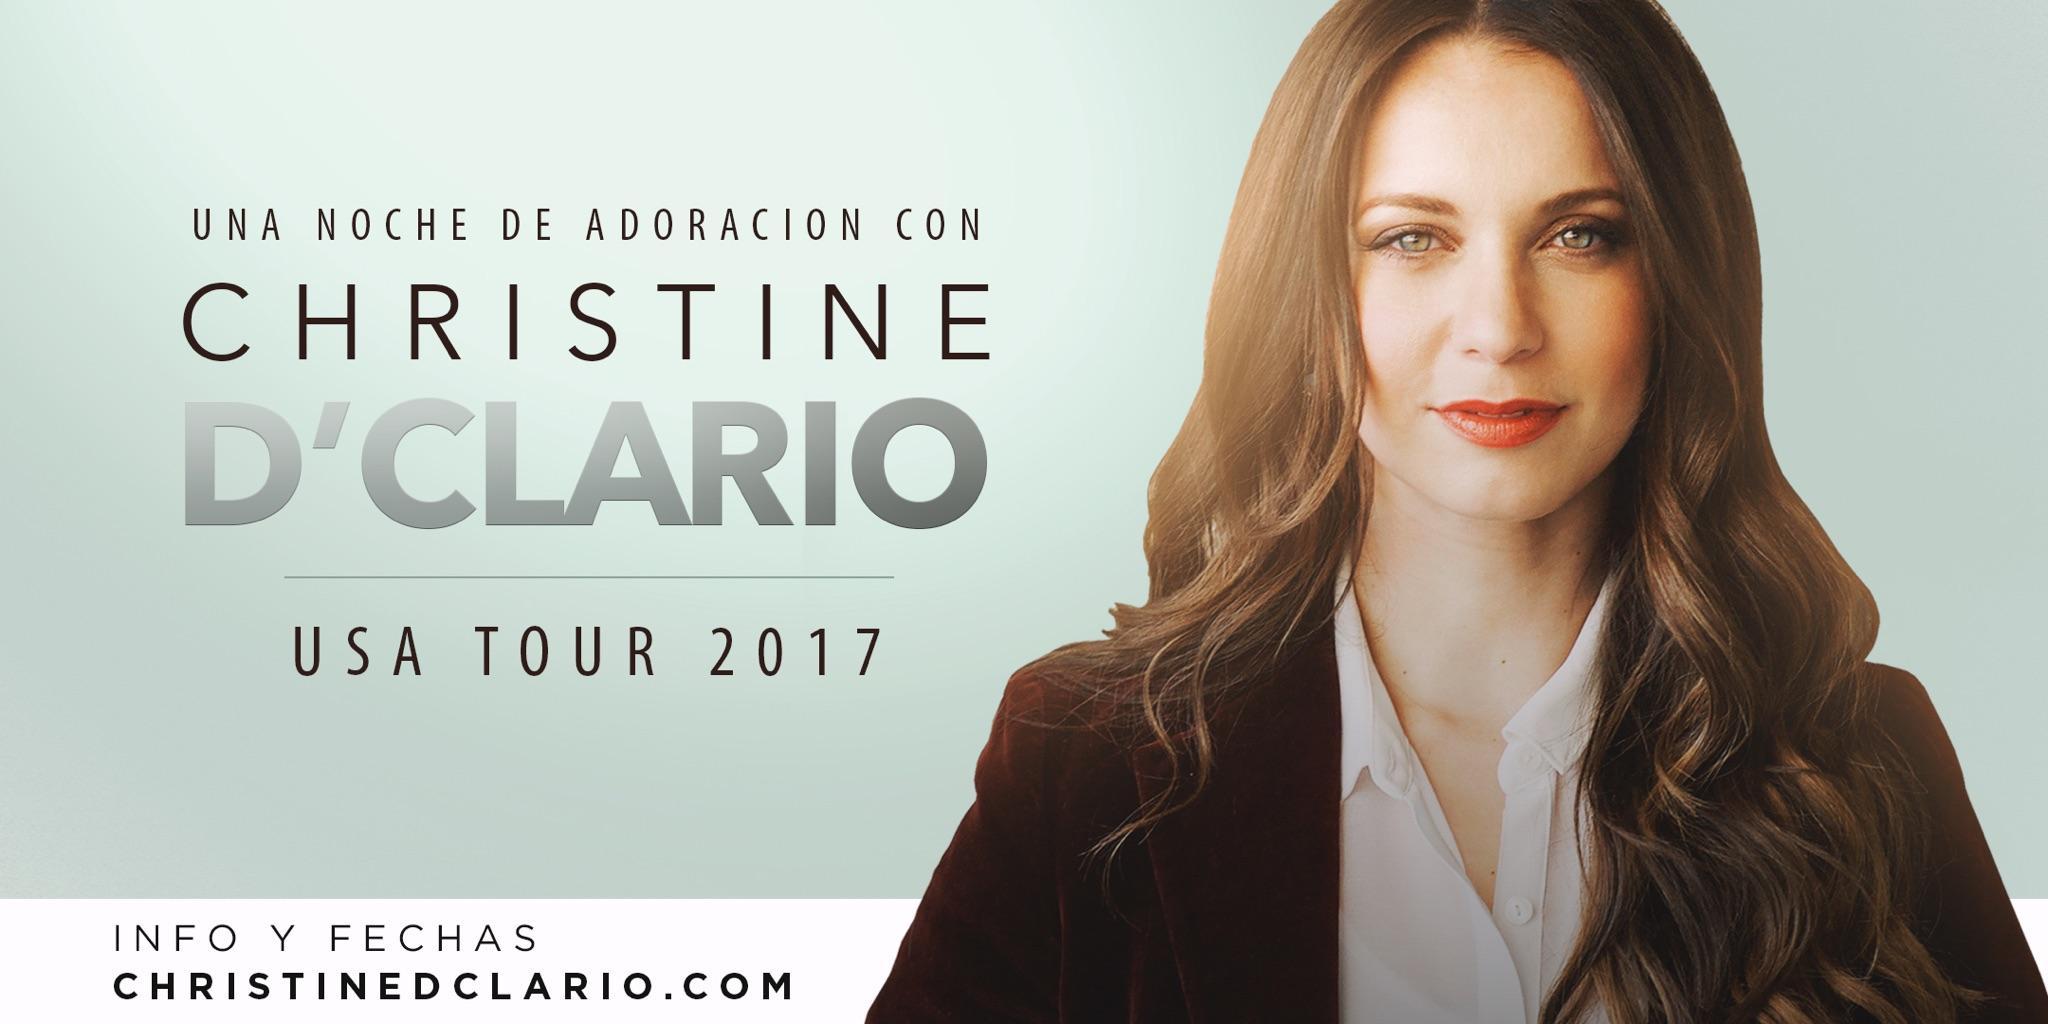 Dallas TX - Una Noche de Adoración Con Christine D'clario   Coppell, TX   Iglesia Mundo de Fe   December 9, 2017